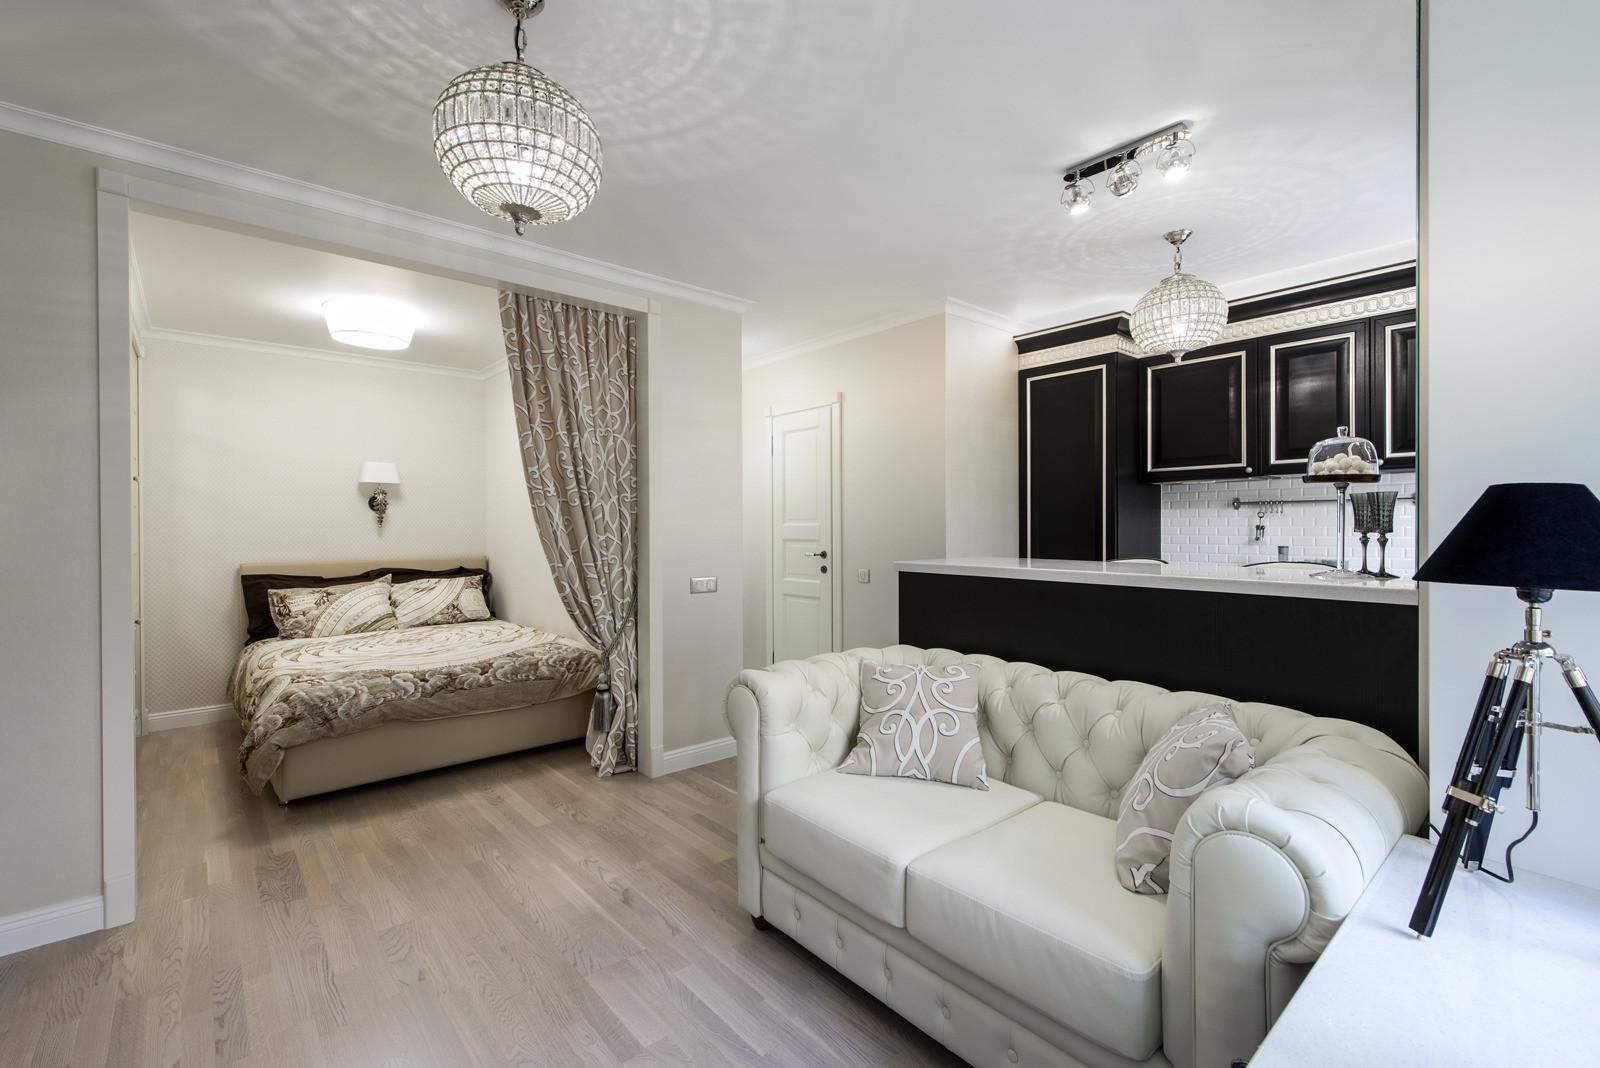 Дизайн 1 комнатной квартиры с кроватью